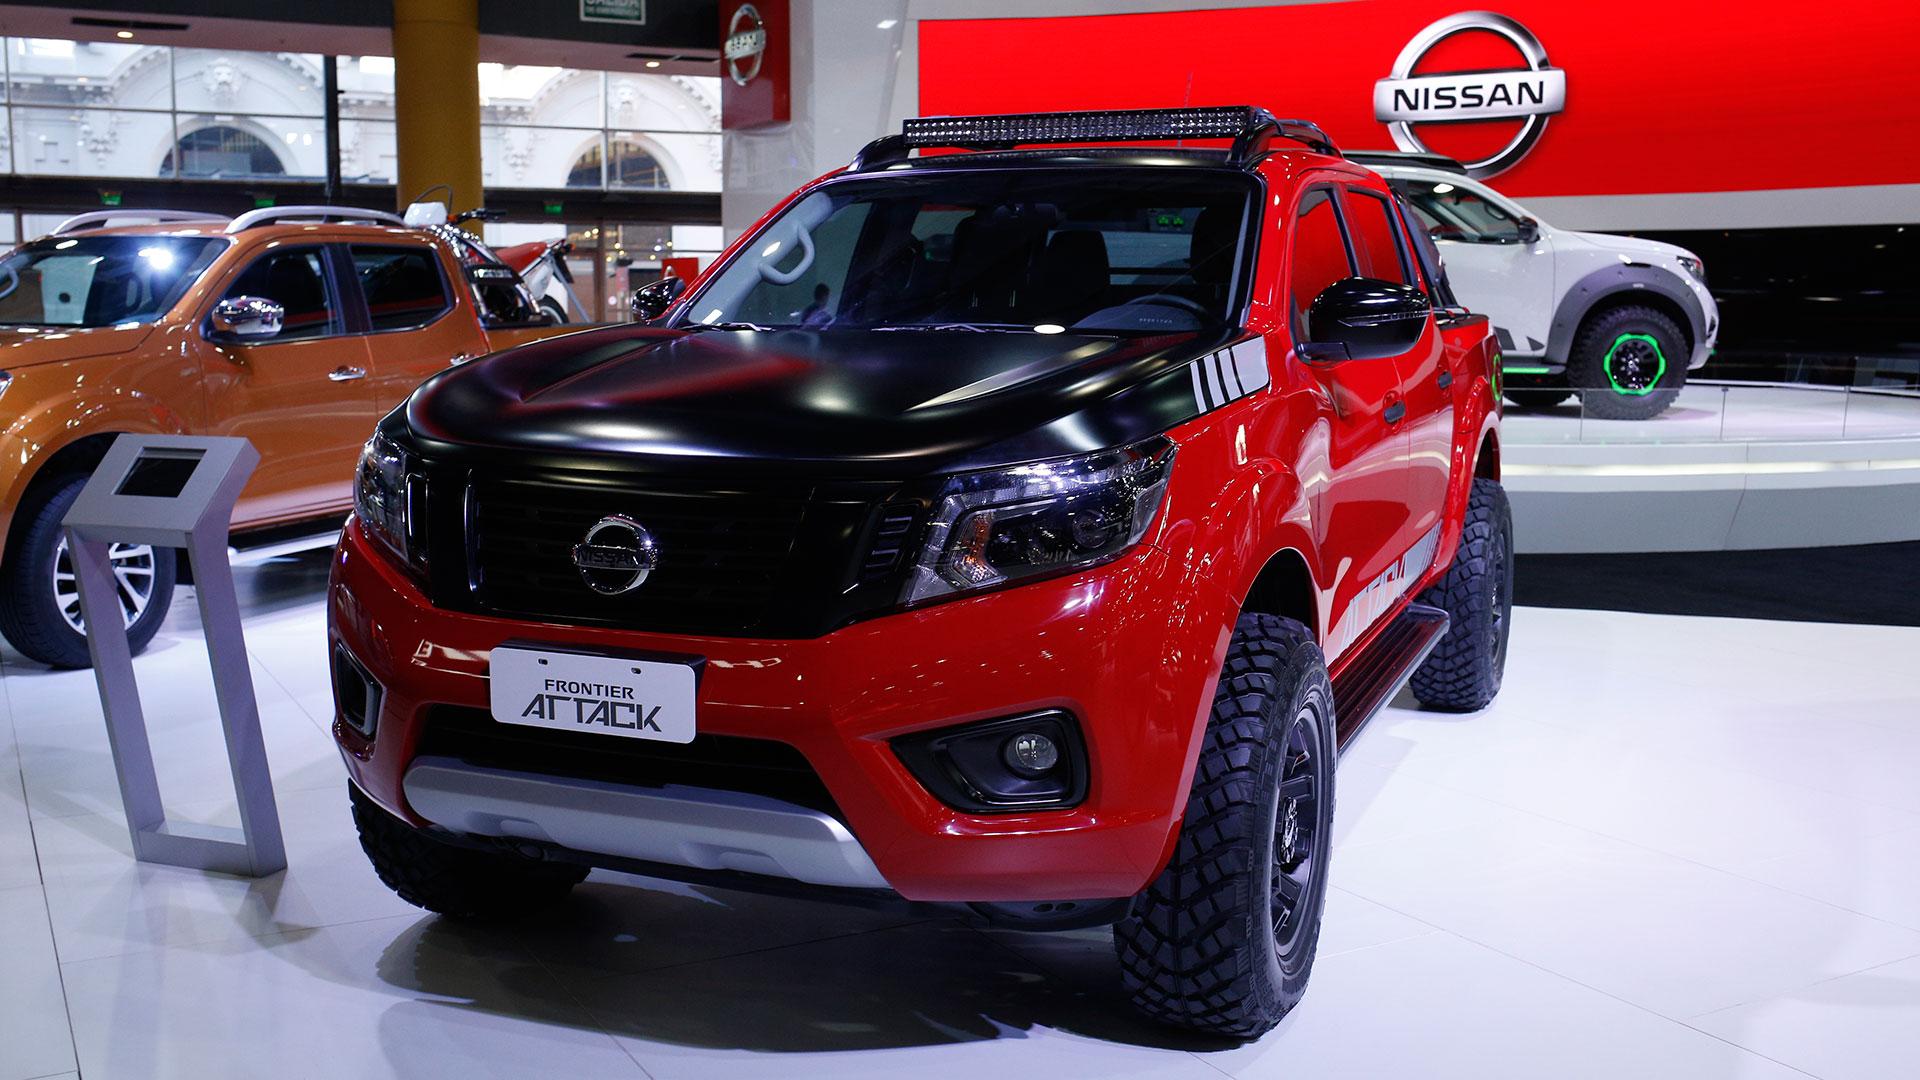 """La imponente Frontier Attack, un concept inspirado en los """"Monster Trucks"""", con actitud totalmente provocadora"""